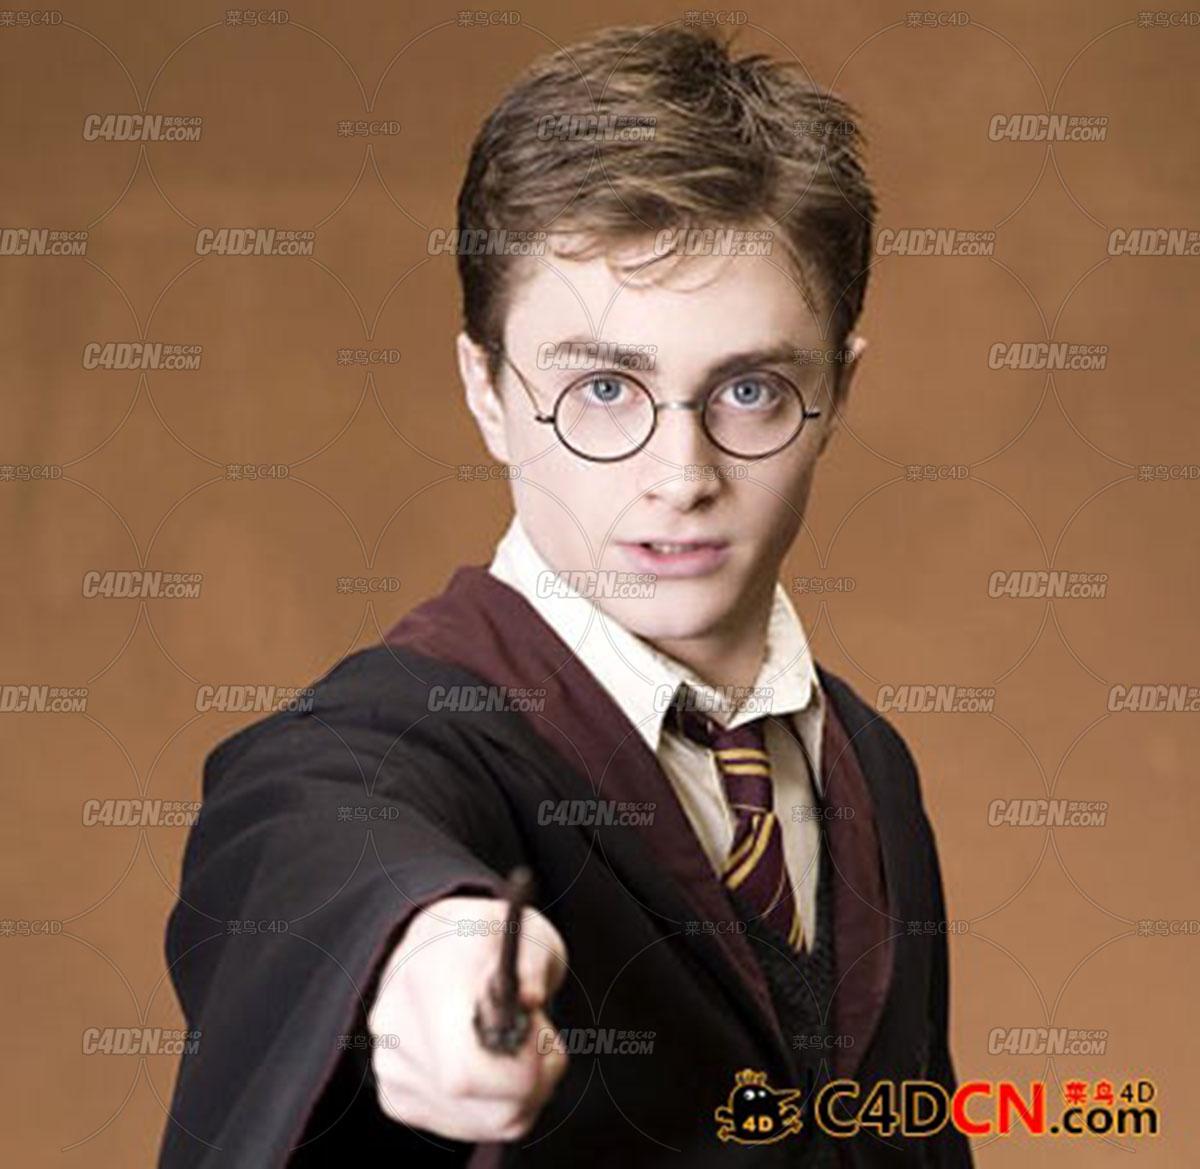 哈利波特人物模型Harry Potter